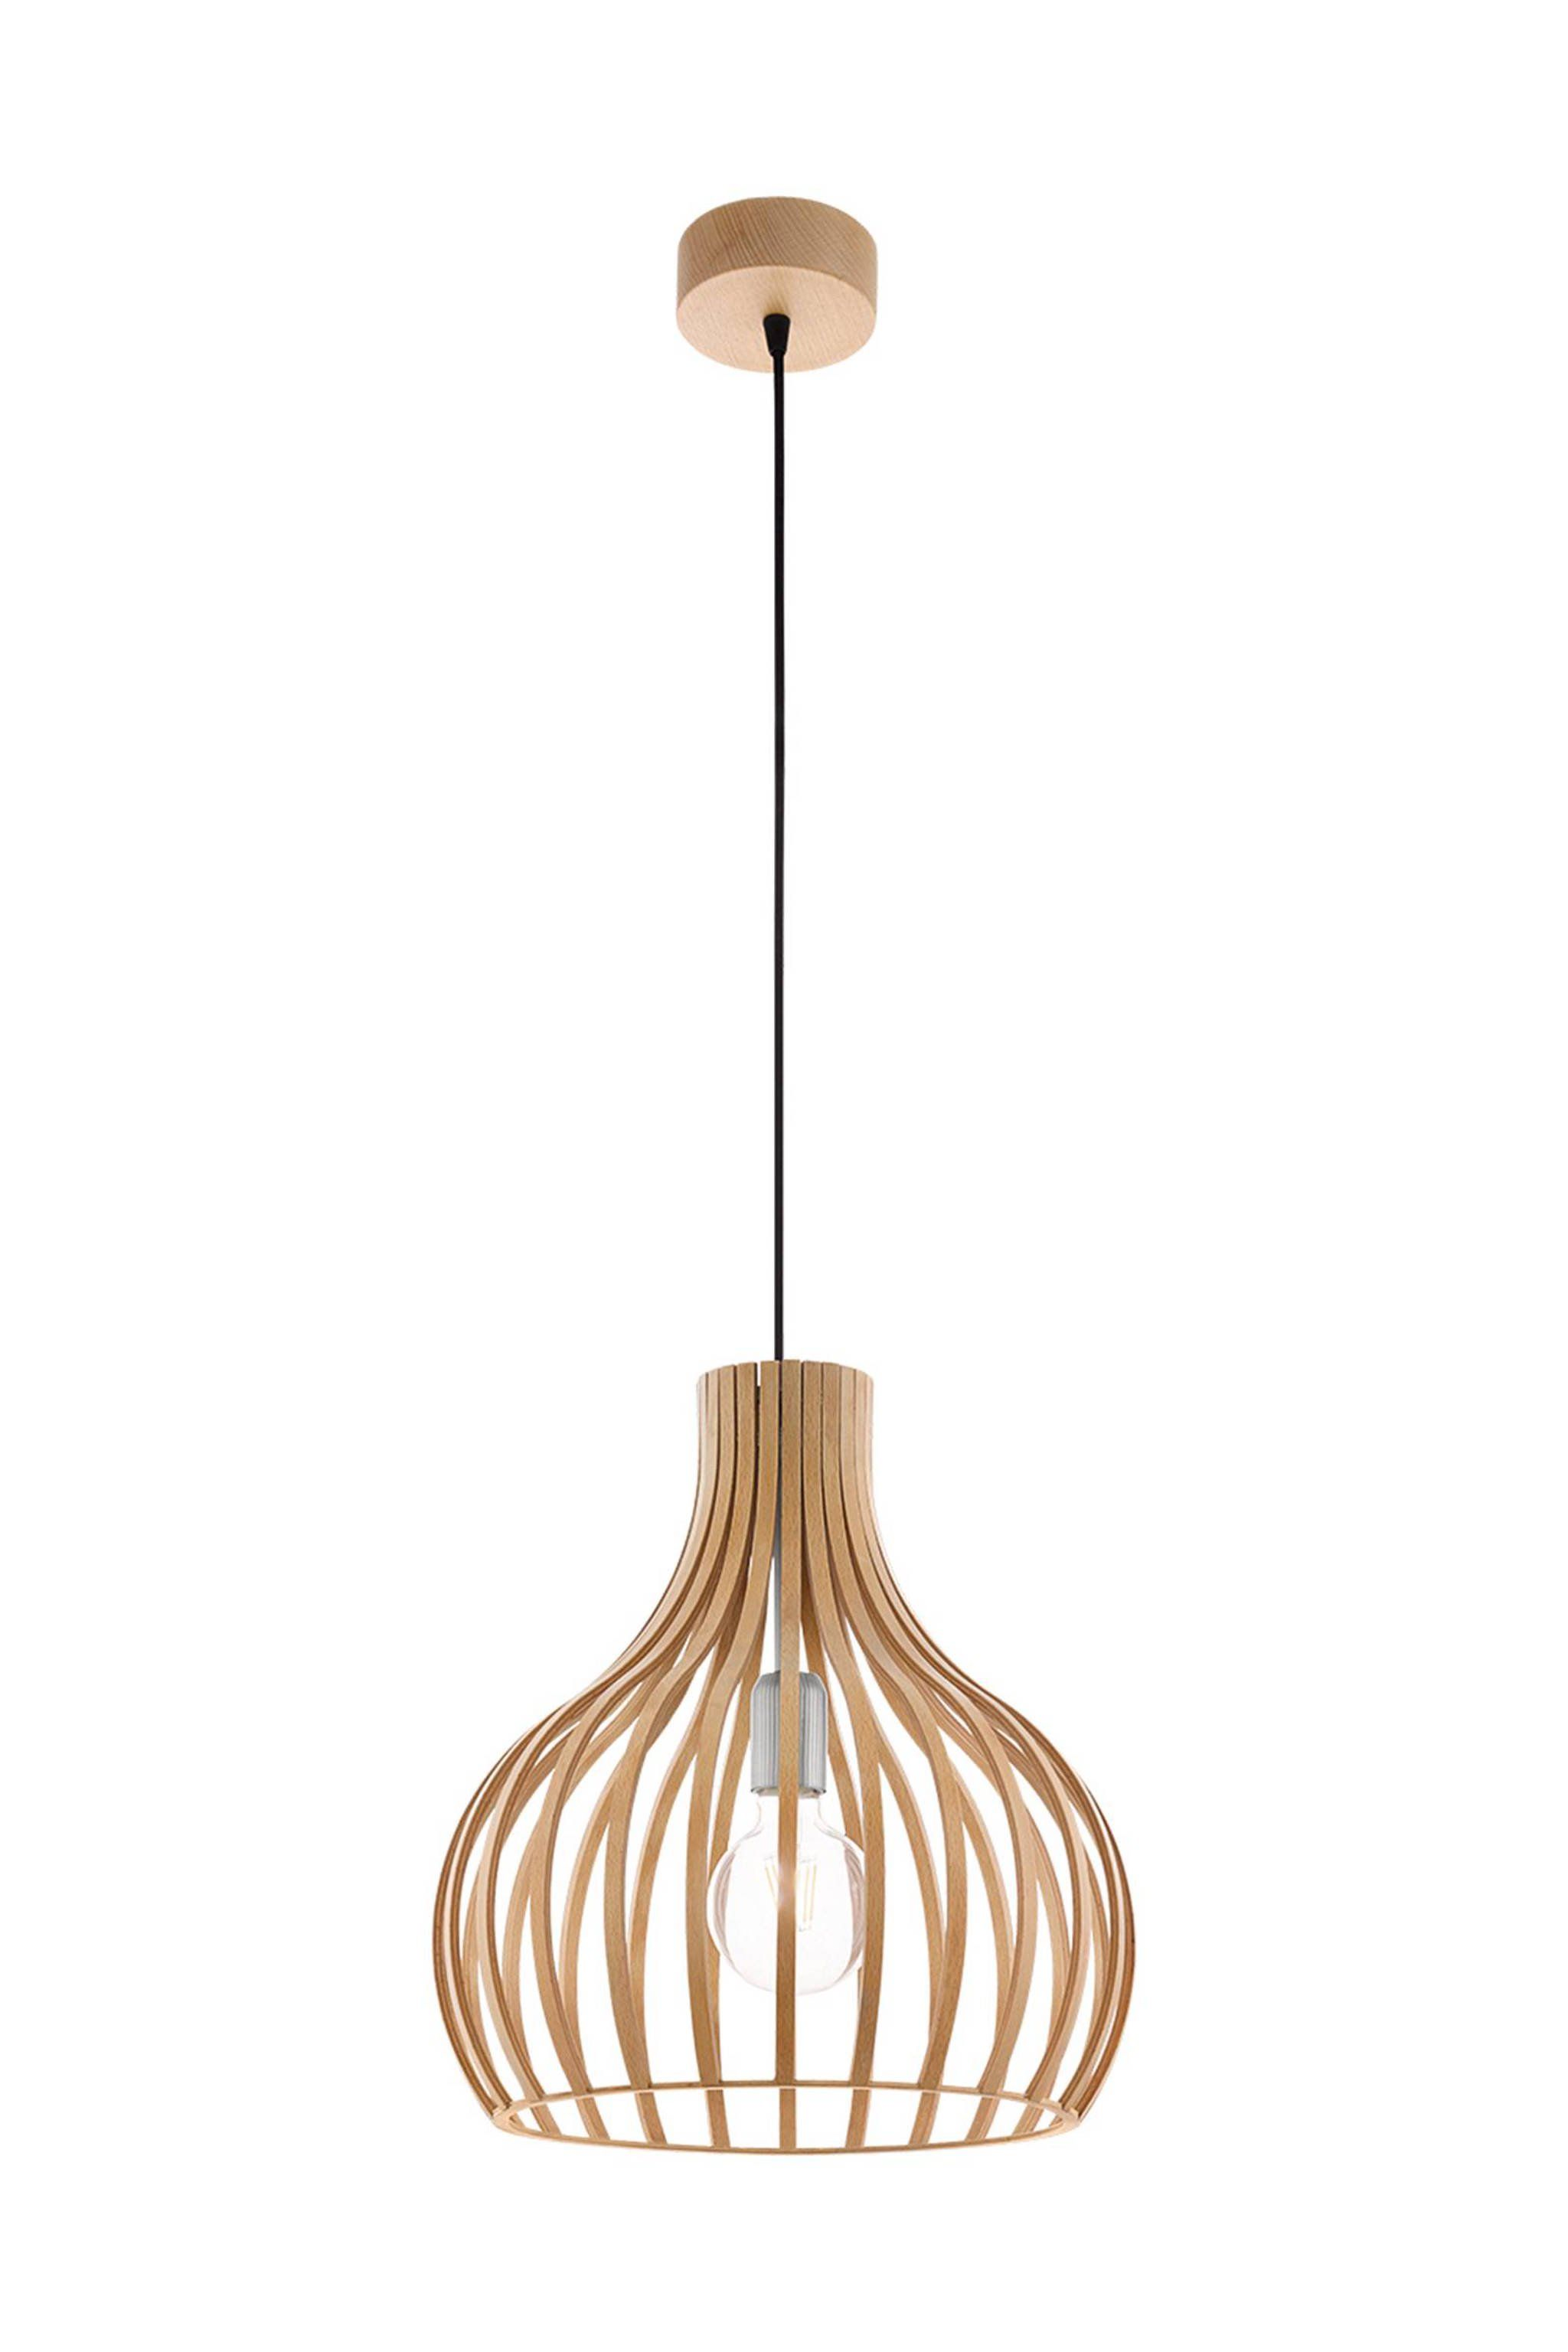 Eglo Hanglamp Ø38 Cm Hanglamp Barverlichting Lampen Eettafel